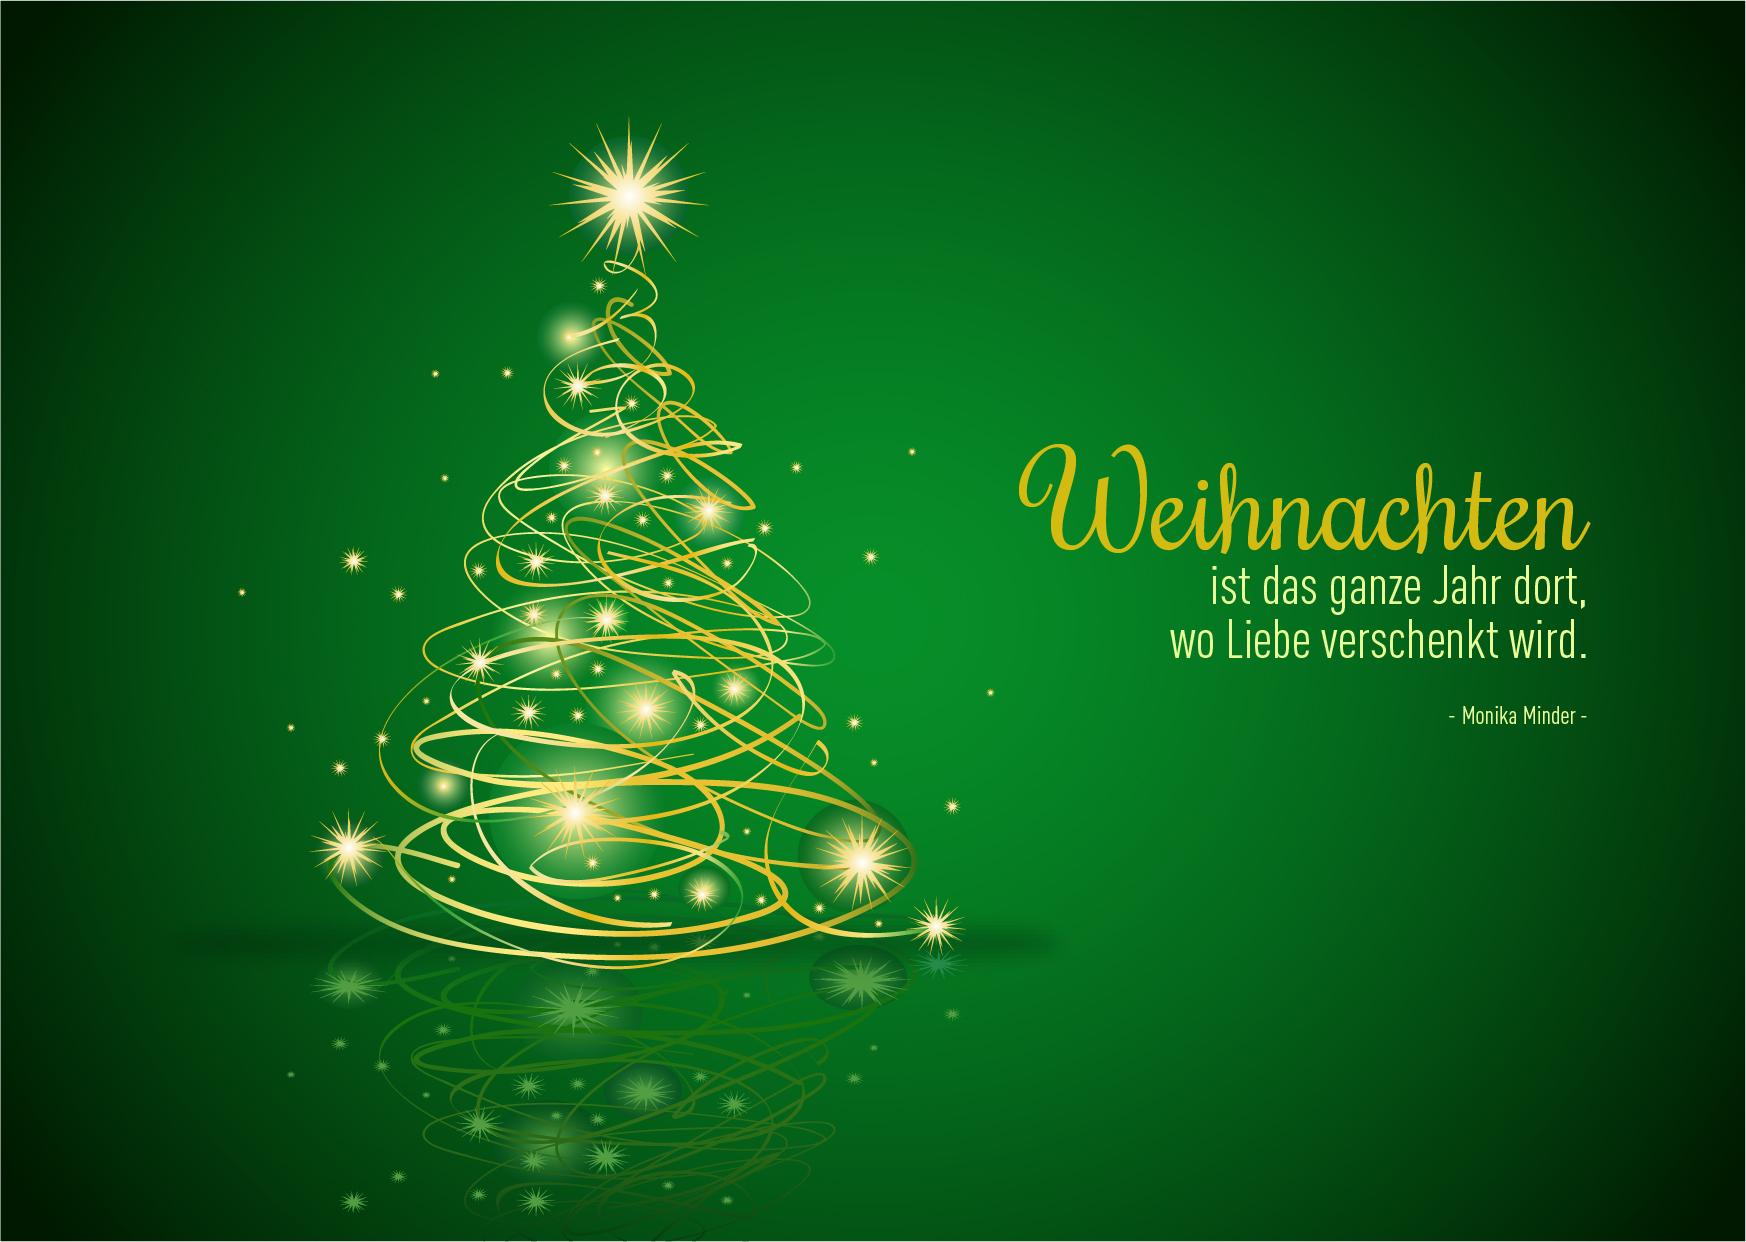 Weihnachtswünsche Für Mitarbeiter.Weihnachtsgrüße Geschäftspost Mit Stil